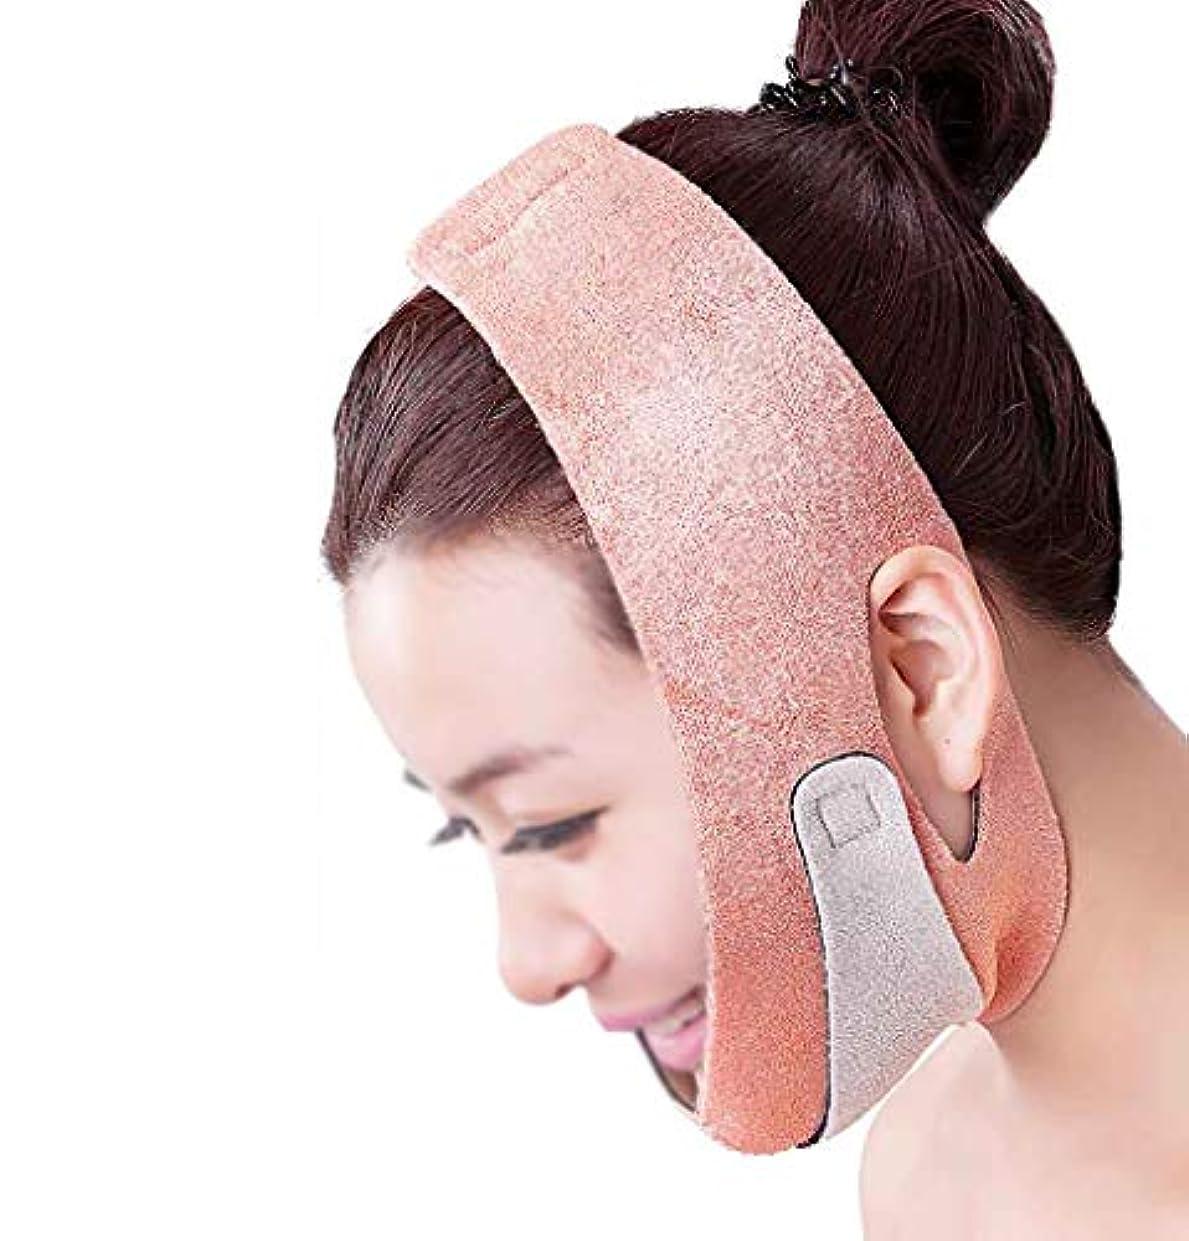 無礼に成分印象派GLJJQMY 痩身ベルトマスク3 D薄い顔の顔のアーティファクト小さな顔包帯リフティングVマスクを引き締め 顔用整形マスク (Color : A)